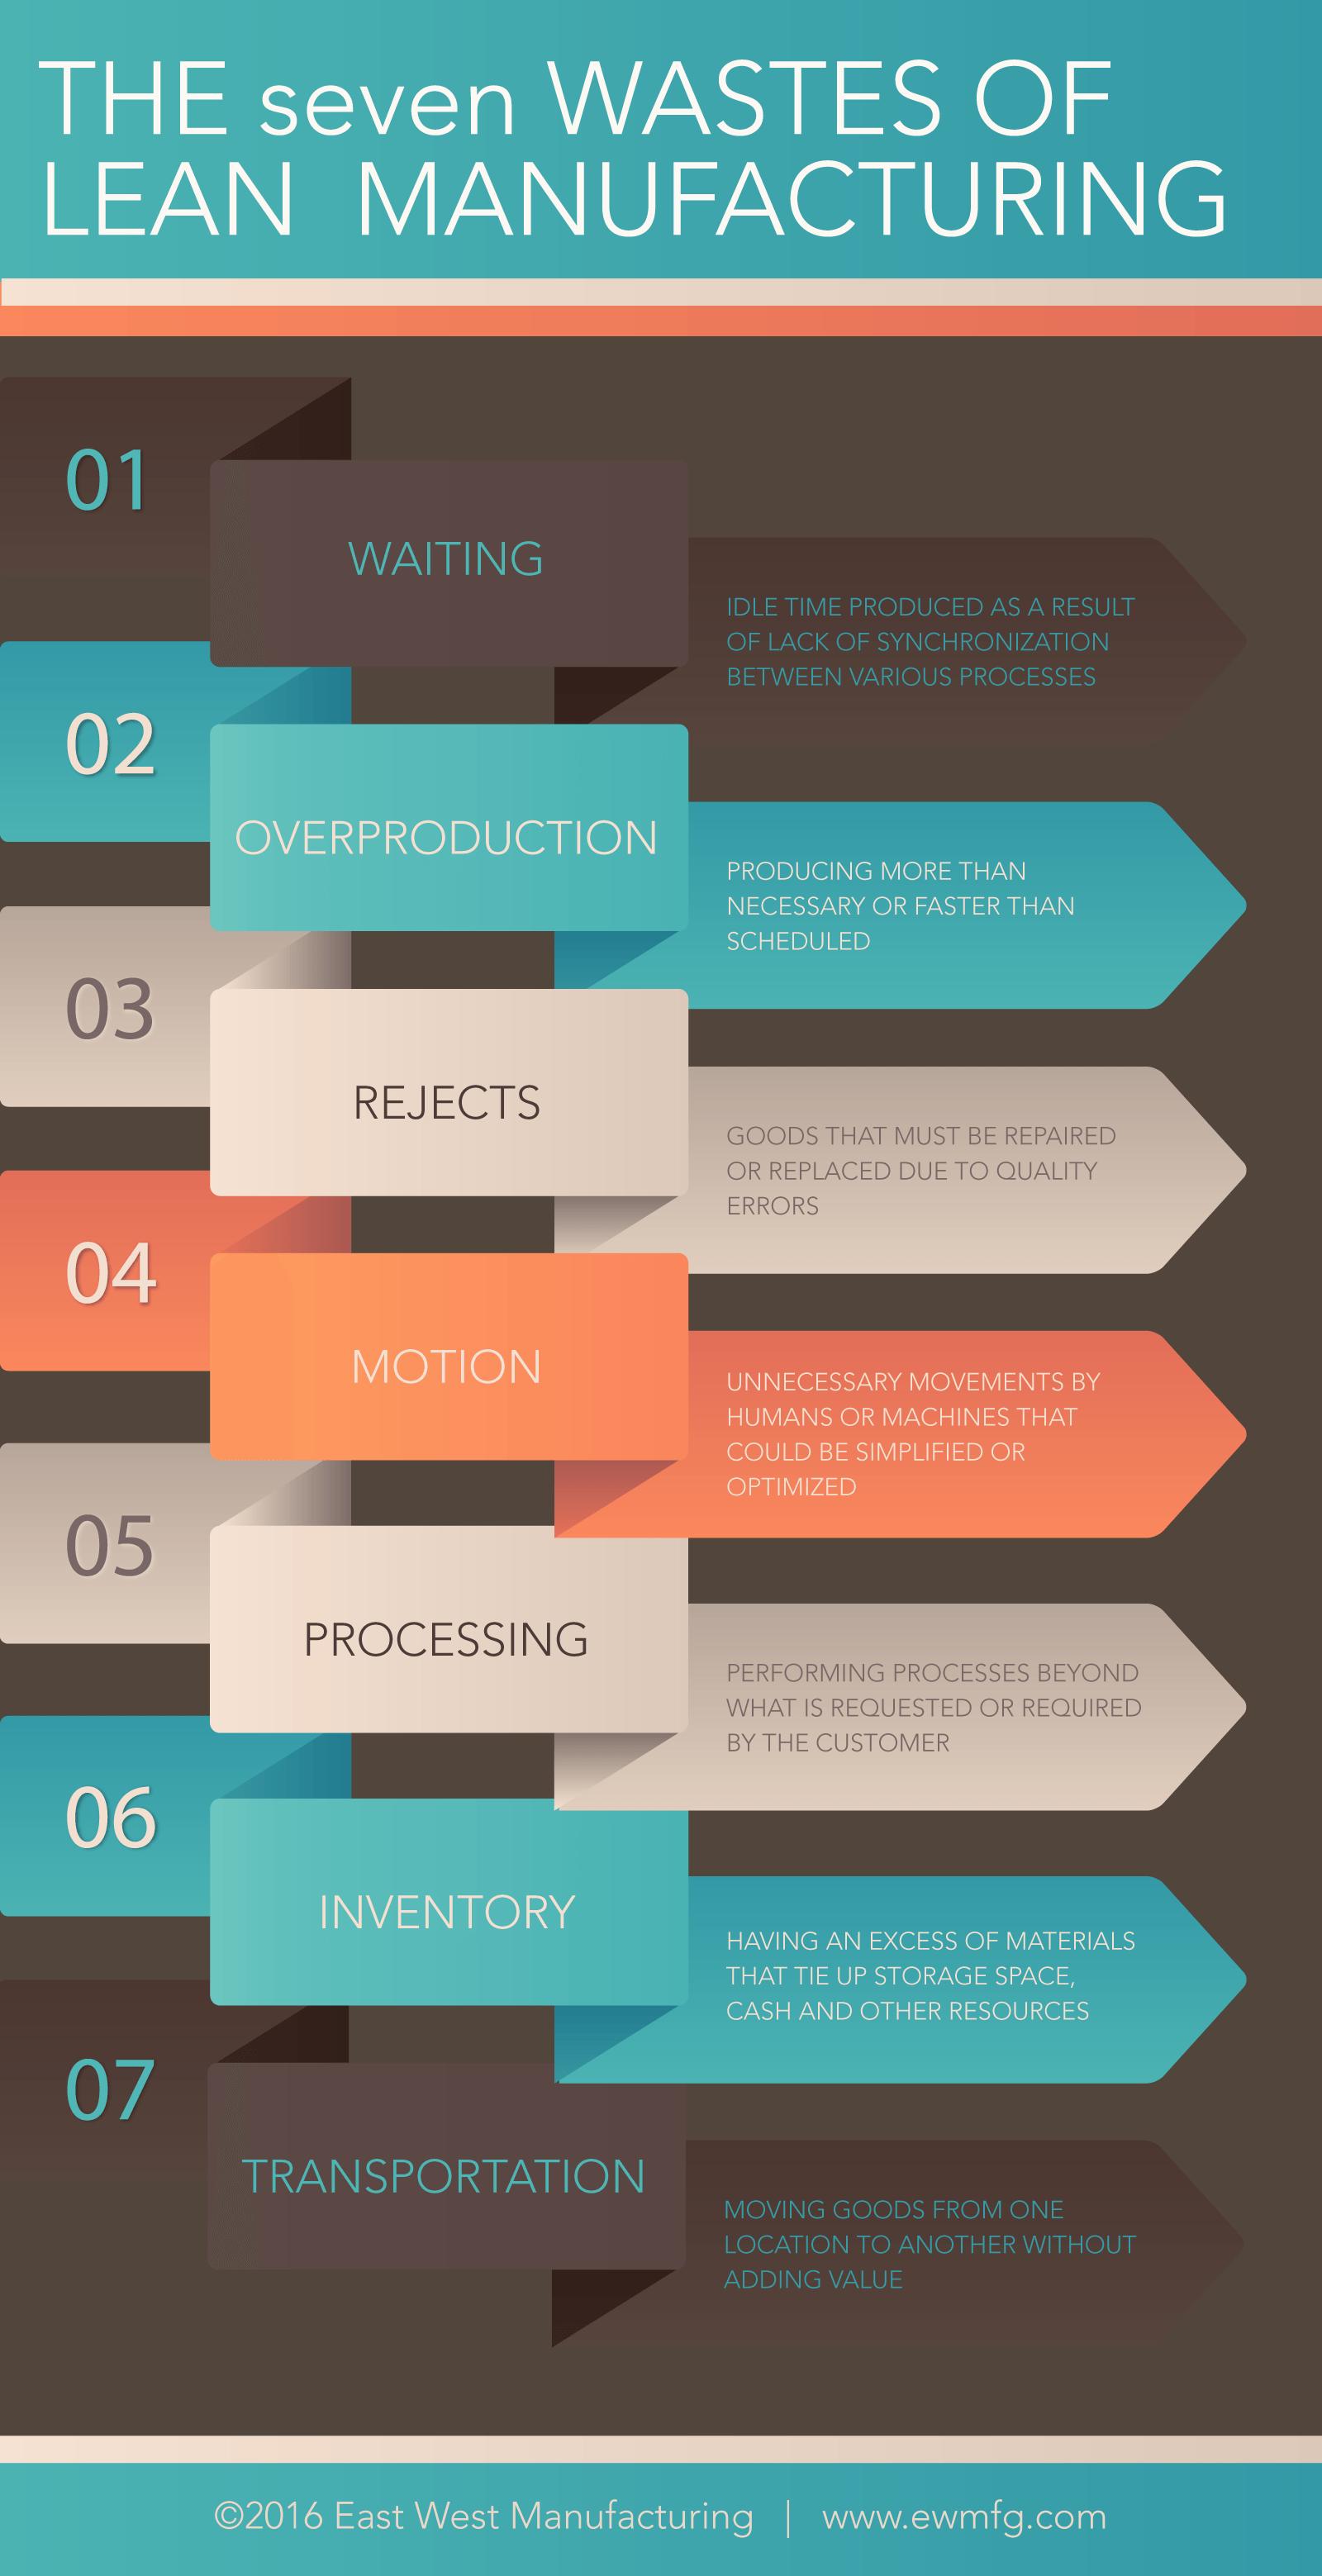 Um esquema mostrando quais são os tipos de desperdícios mais comuns no Lean